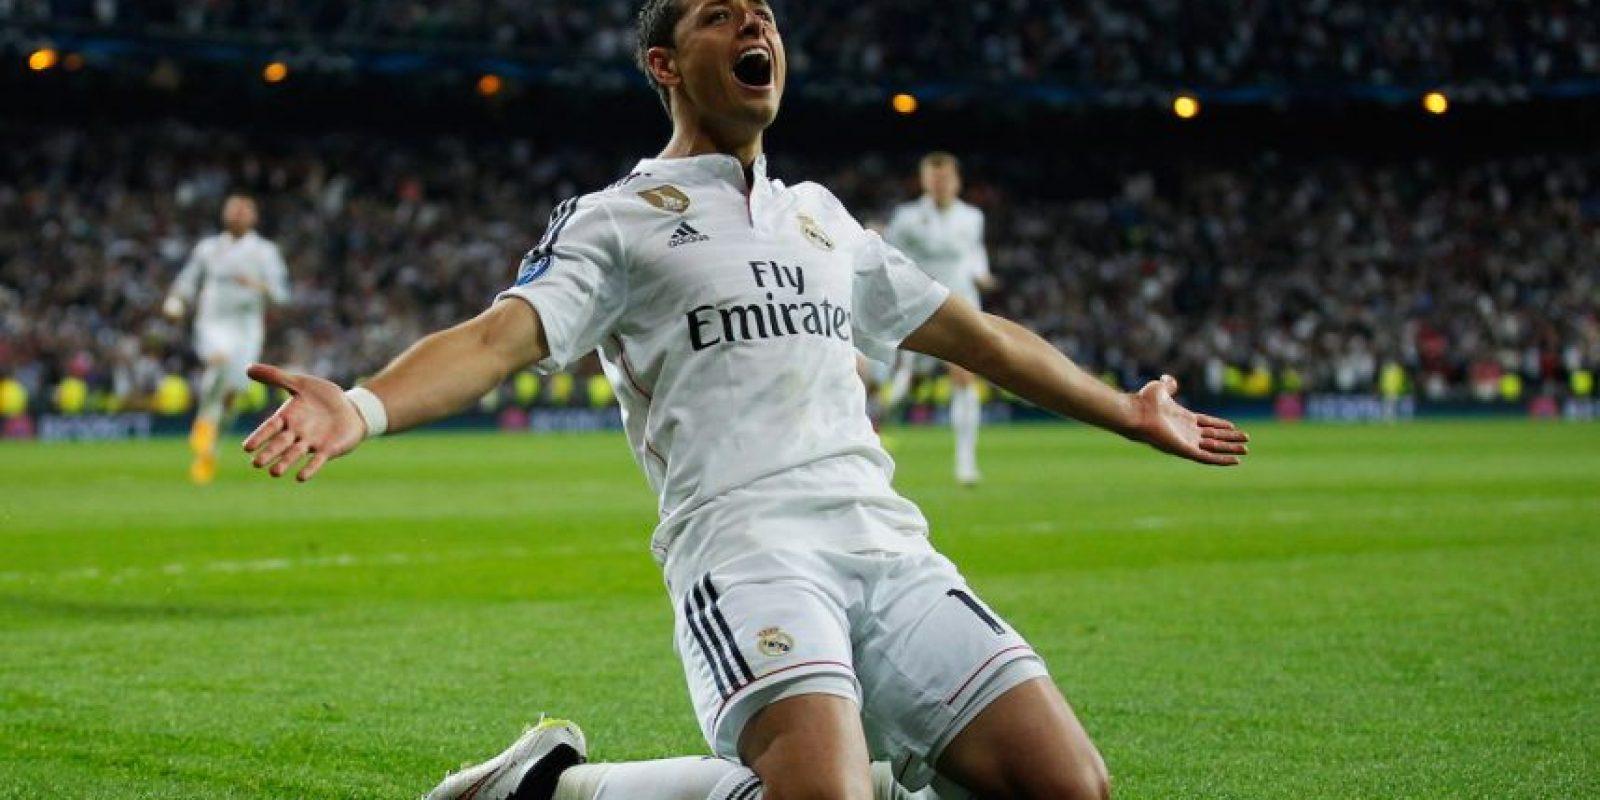 """El delantero mexicano Javier Hernández anotó el gol de la victoria para el Real Madrid en el """"euroderbi"""" ante el Atlético. Foto:Getty Images"""